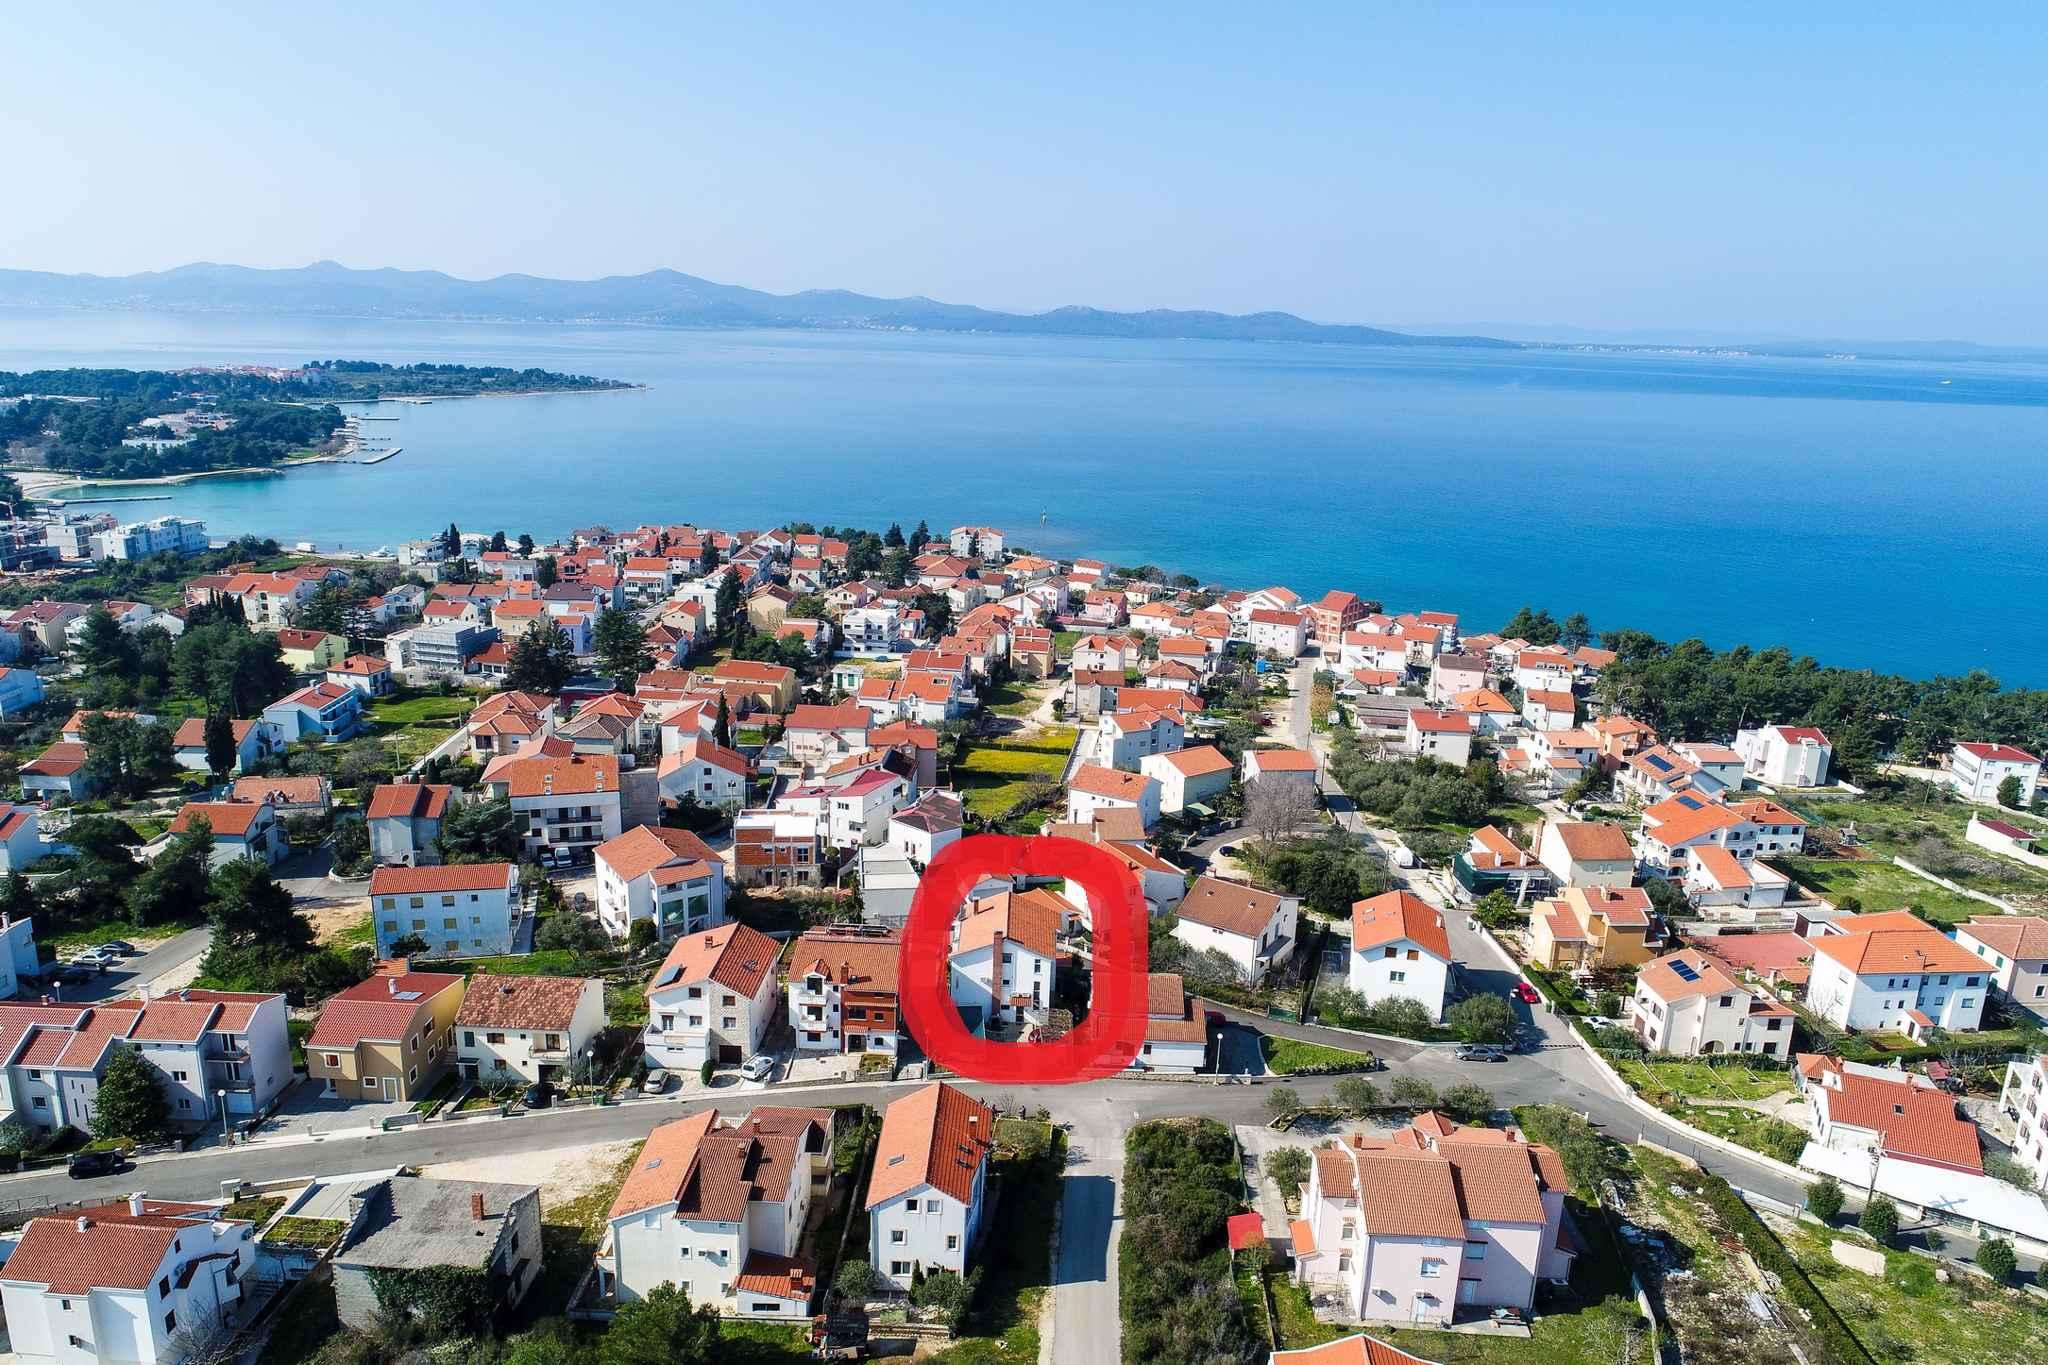 Ferienwohnung mit Meerblick (278910), Zadar, , Dalmatien, Kroatien, Bild 6